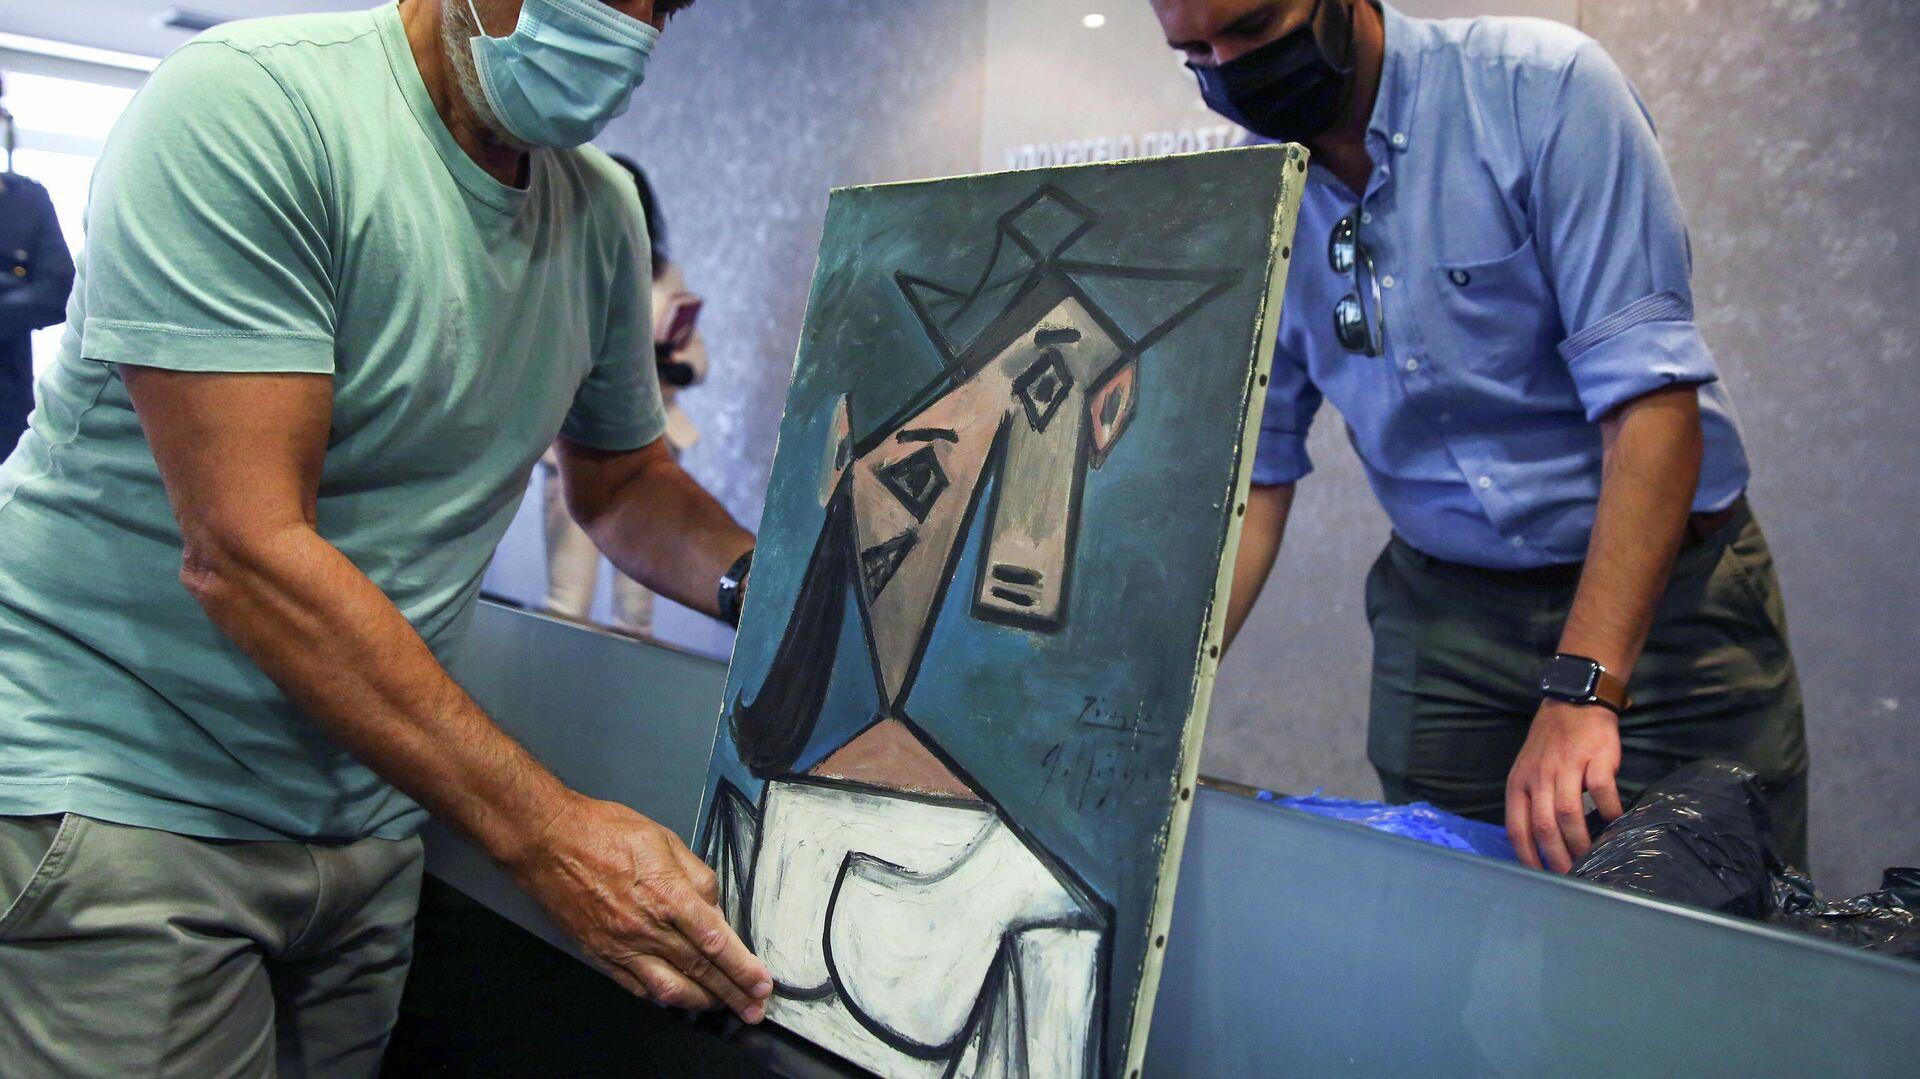 Cuadro de Picasso recuperado tras ser robado hace nueve años de la Galería Nacional de Grecia (Atenas) - Sputnik Mundo, 1920, 29.06.2021